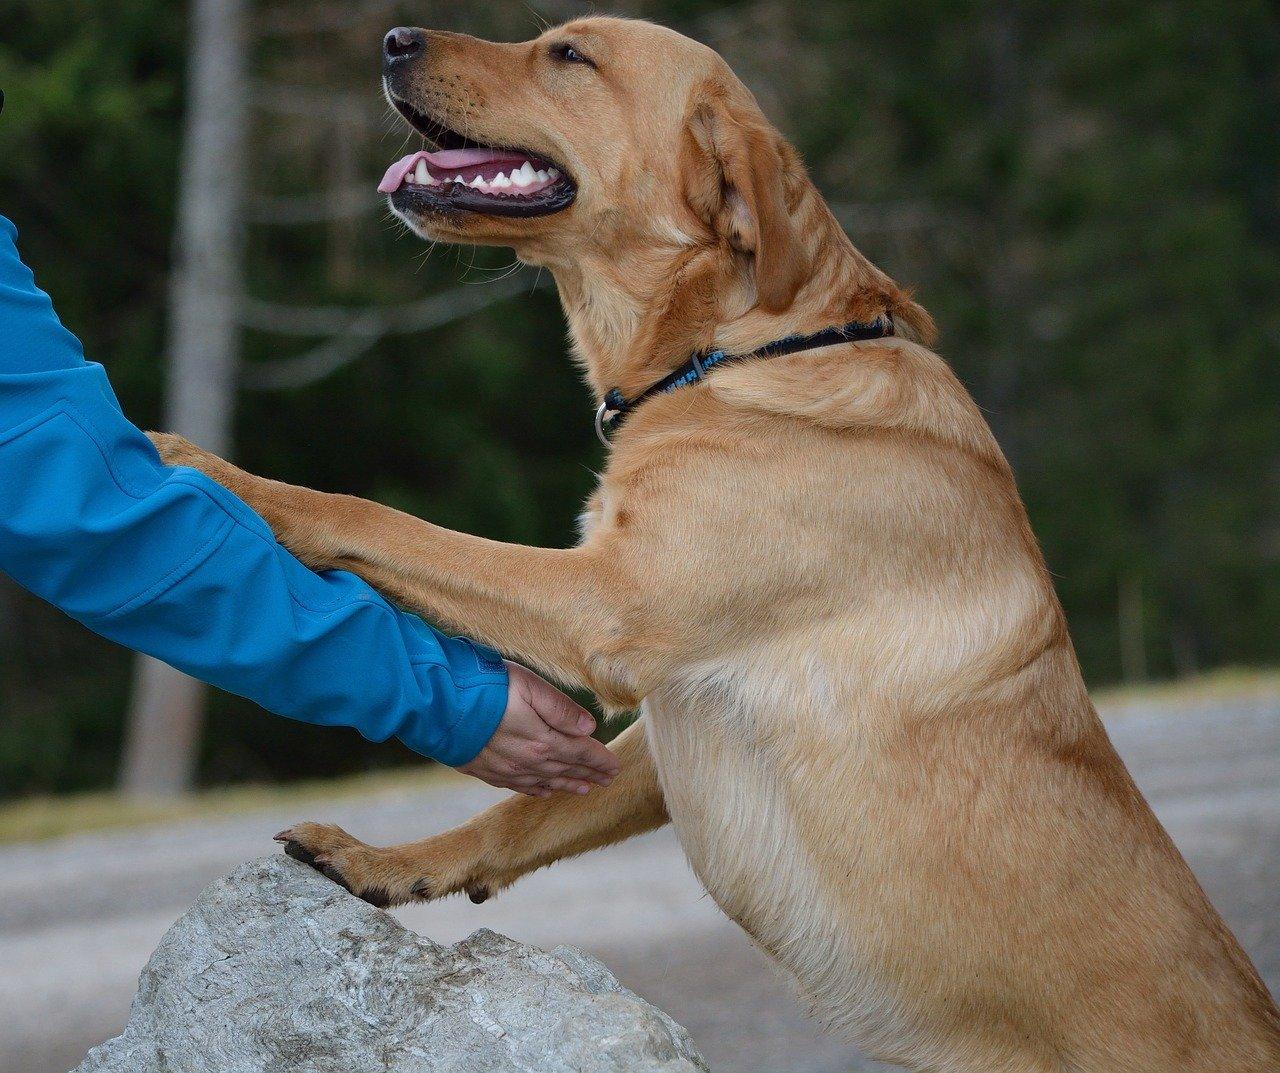 7 gebote als hundehalter - hunderecht - das anspringen kann bereits als sachbeschädigung gelten